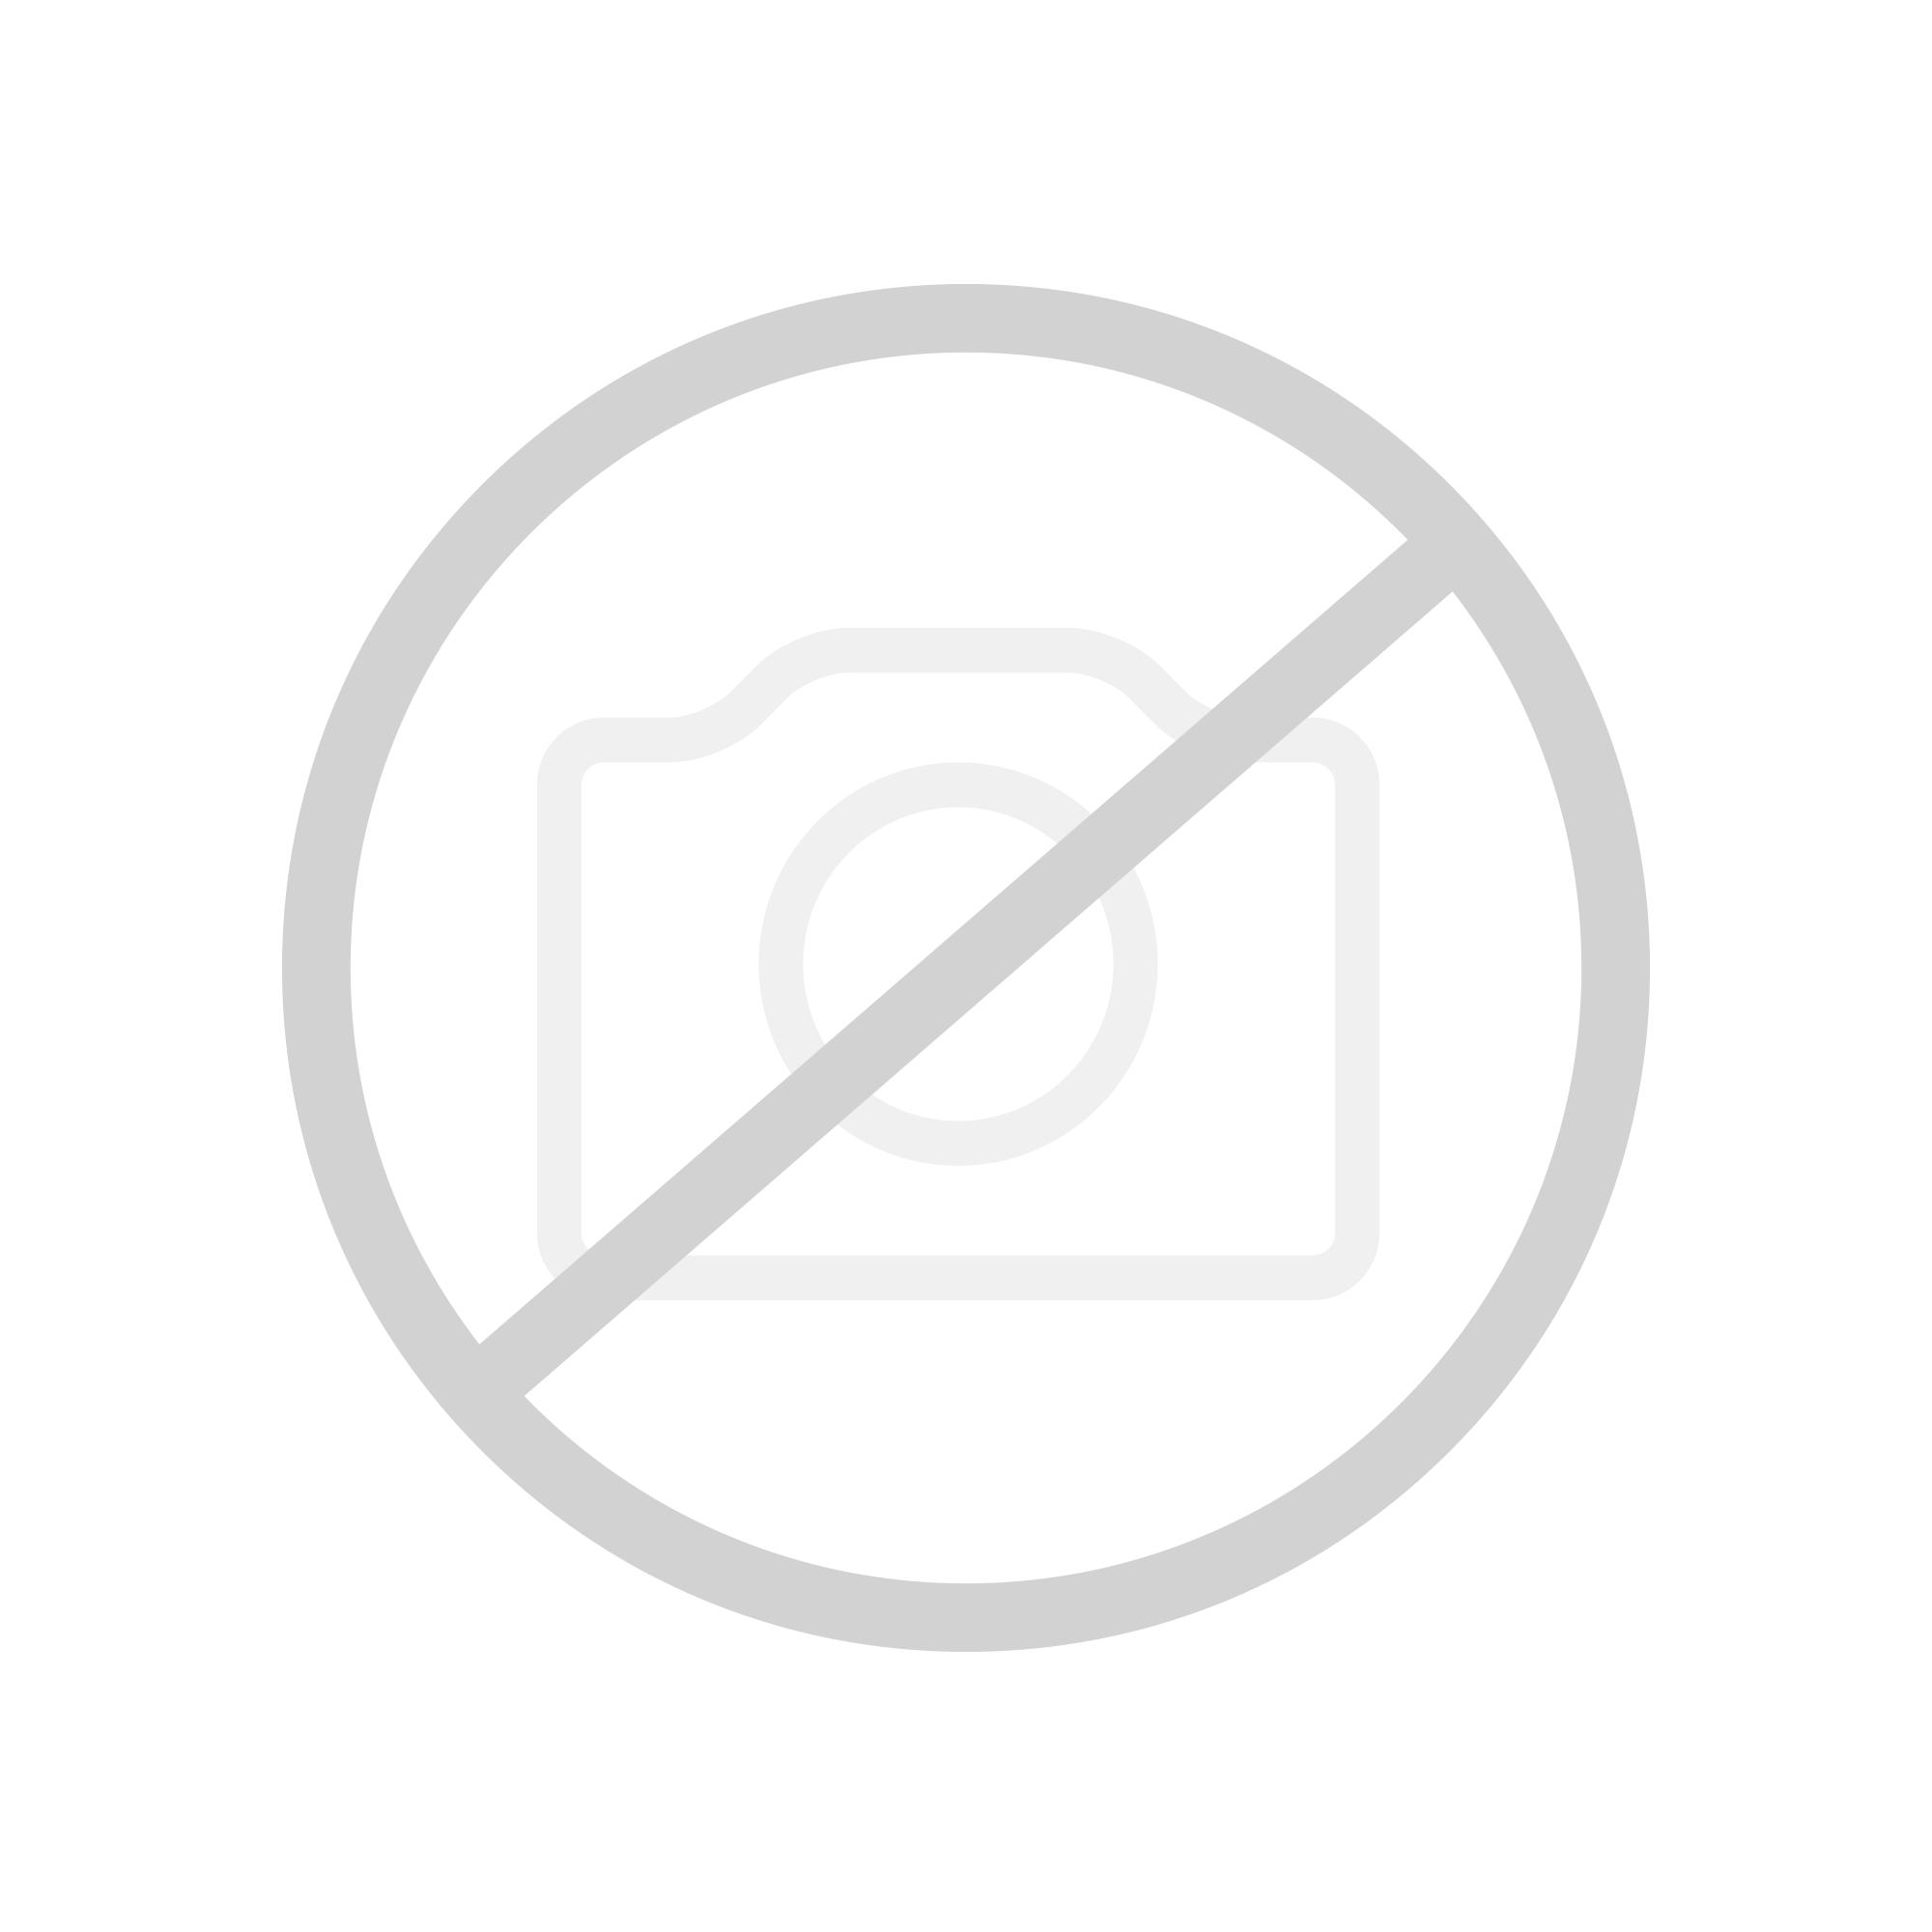 ottofond montego oval badewanne ohne wannentr ger 700001 reuter onlineshop. Black Bedroom Furniture Sets. Home Design Ideas